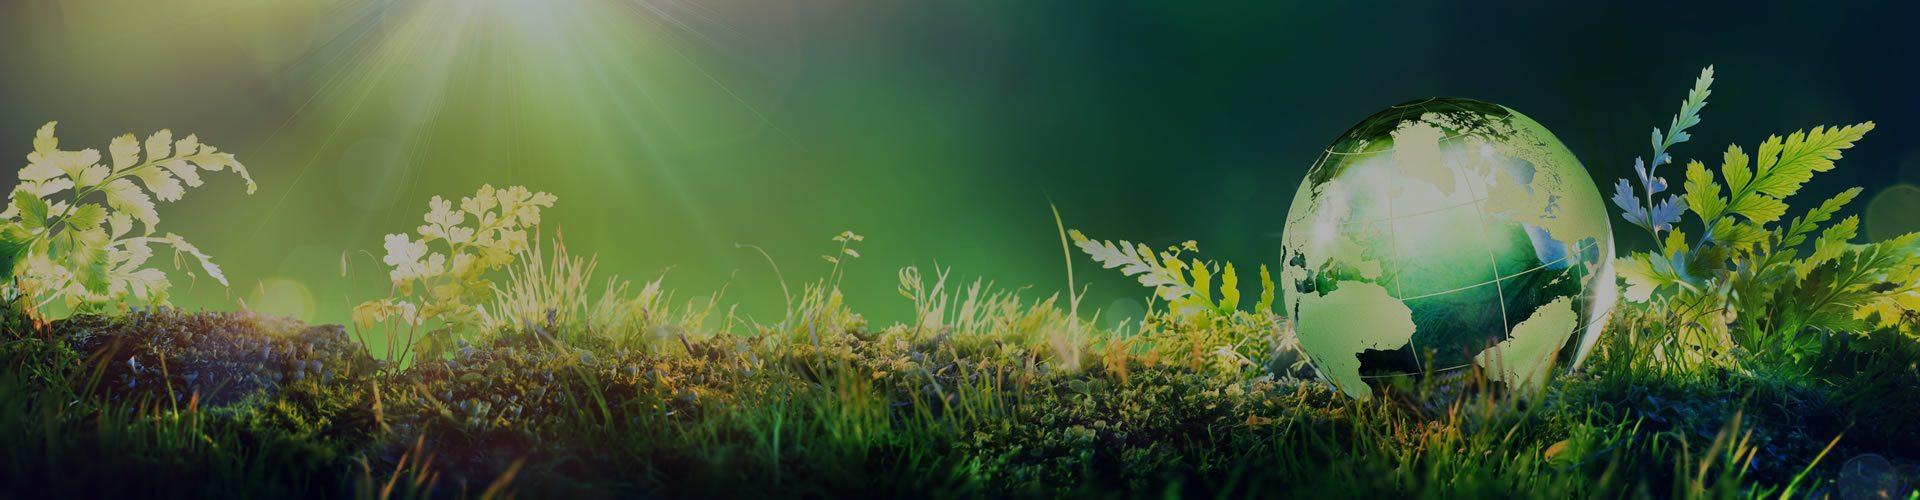 Consultoria, Gestão e Licenciamento Ambiental